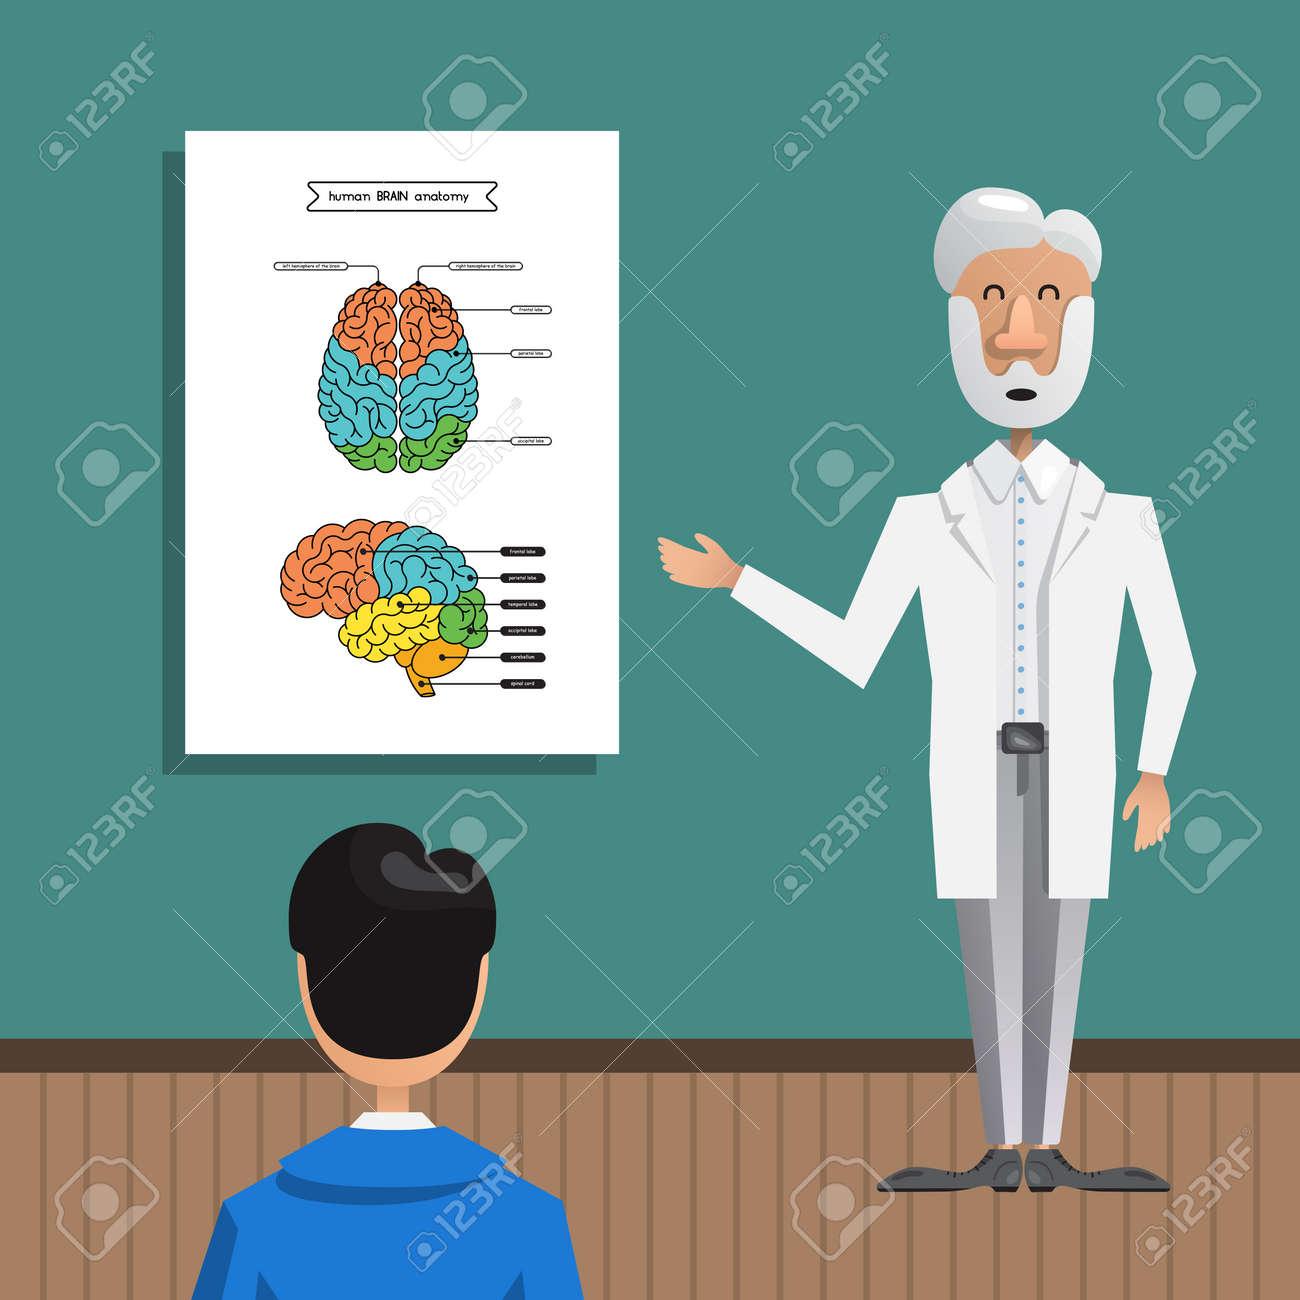 Ein Professor Erzählt Den Studenten über Die Struktur Und Anatomie ...